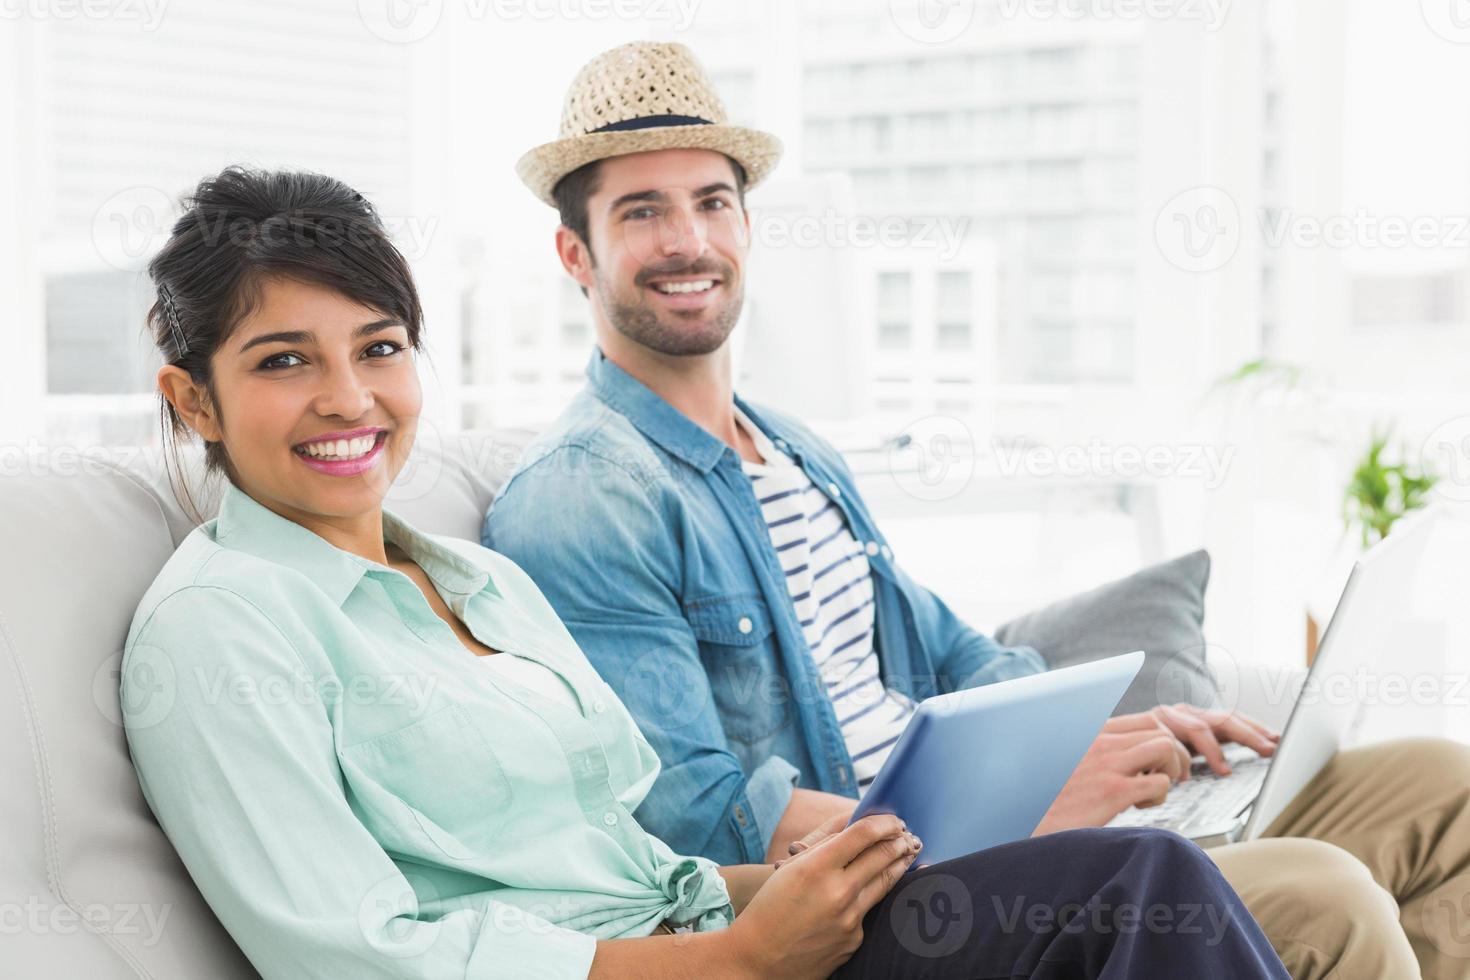 le kollegor som använder surfplatta och bärbar dator på soffan foto